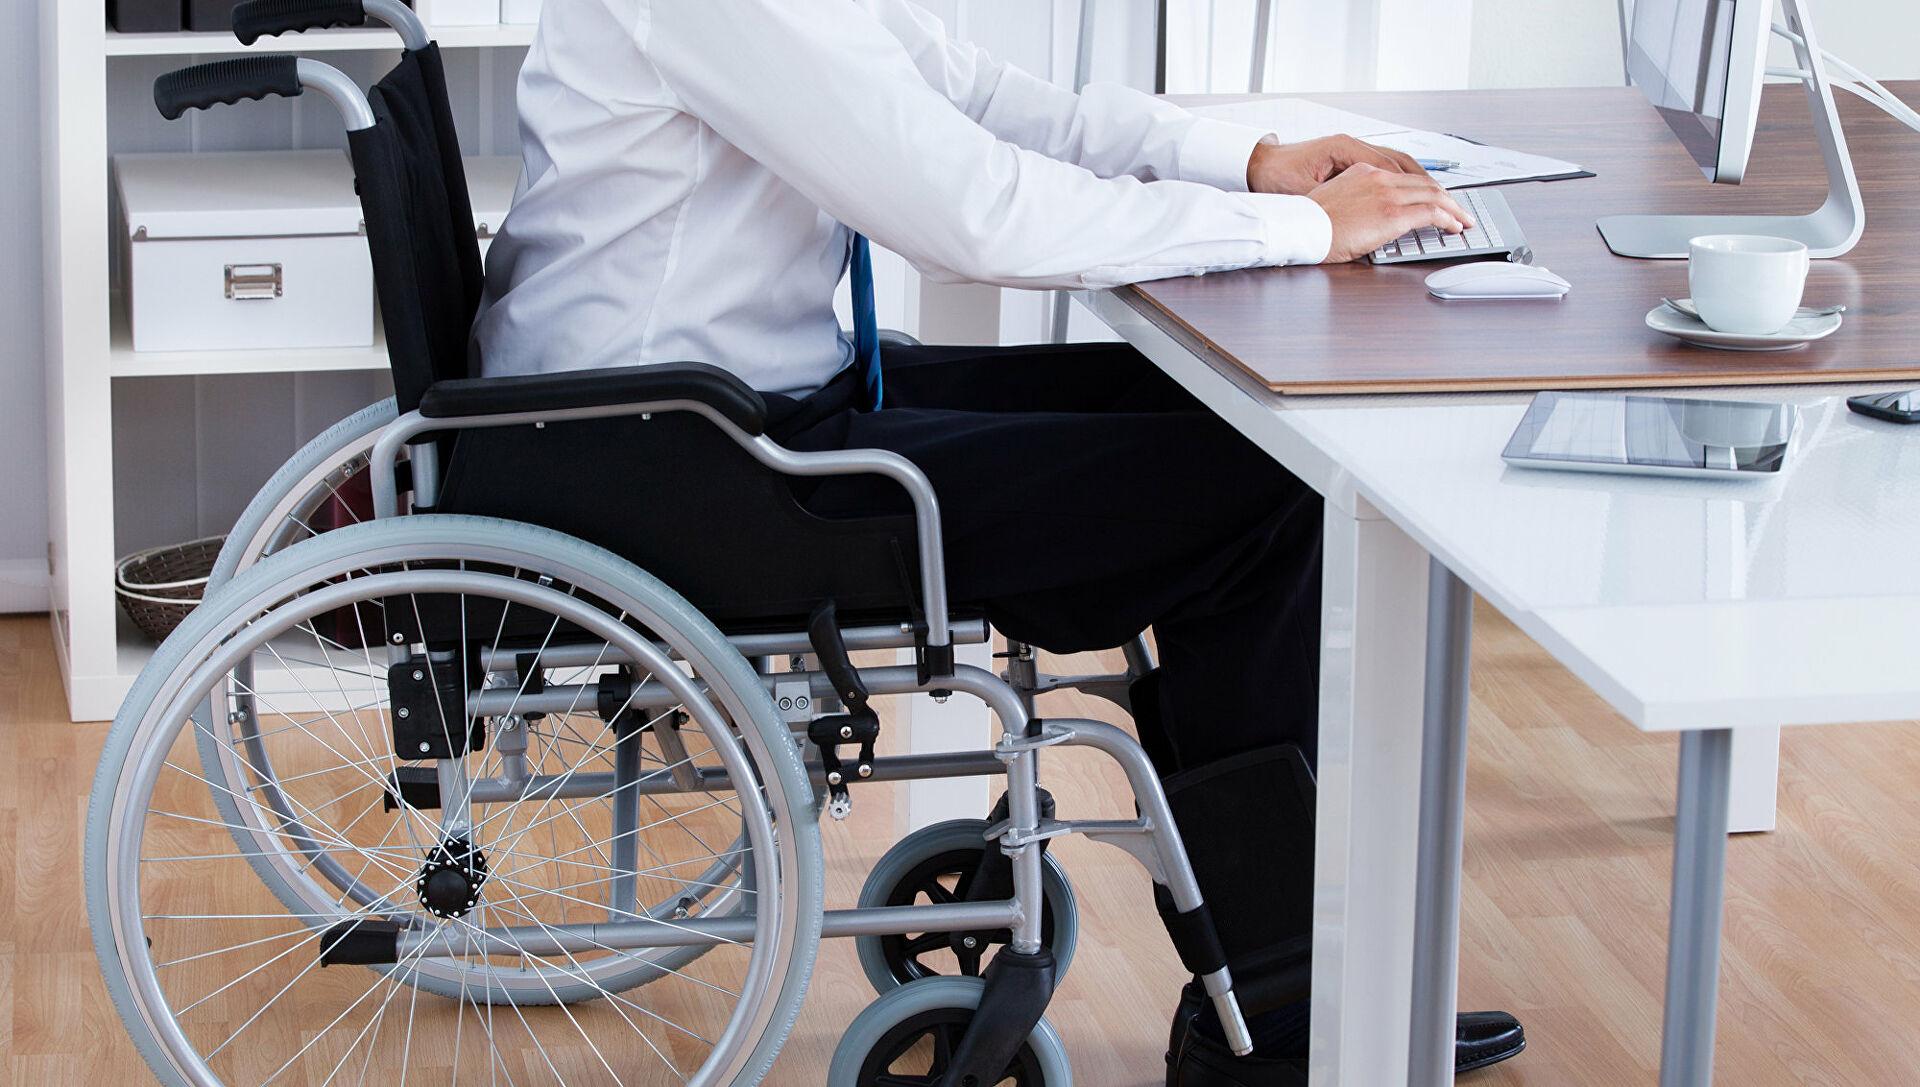 Лица с инвалидностью теперь могут получить подтверждающие документы онлайн